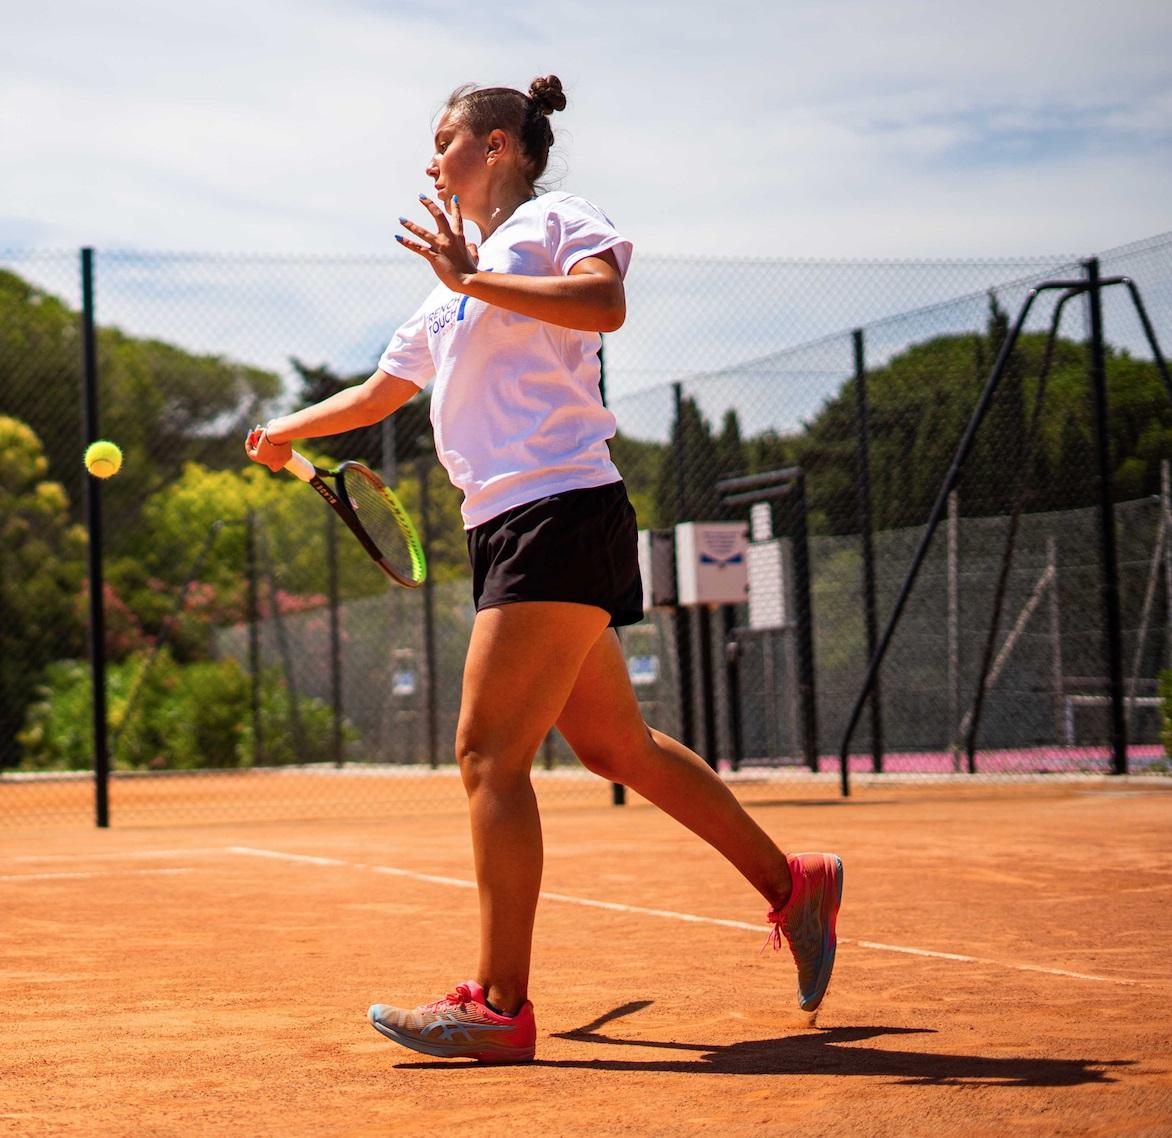 Joueuse de tennis sur un terrain en terre battue